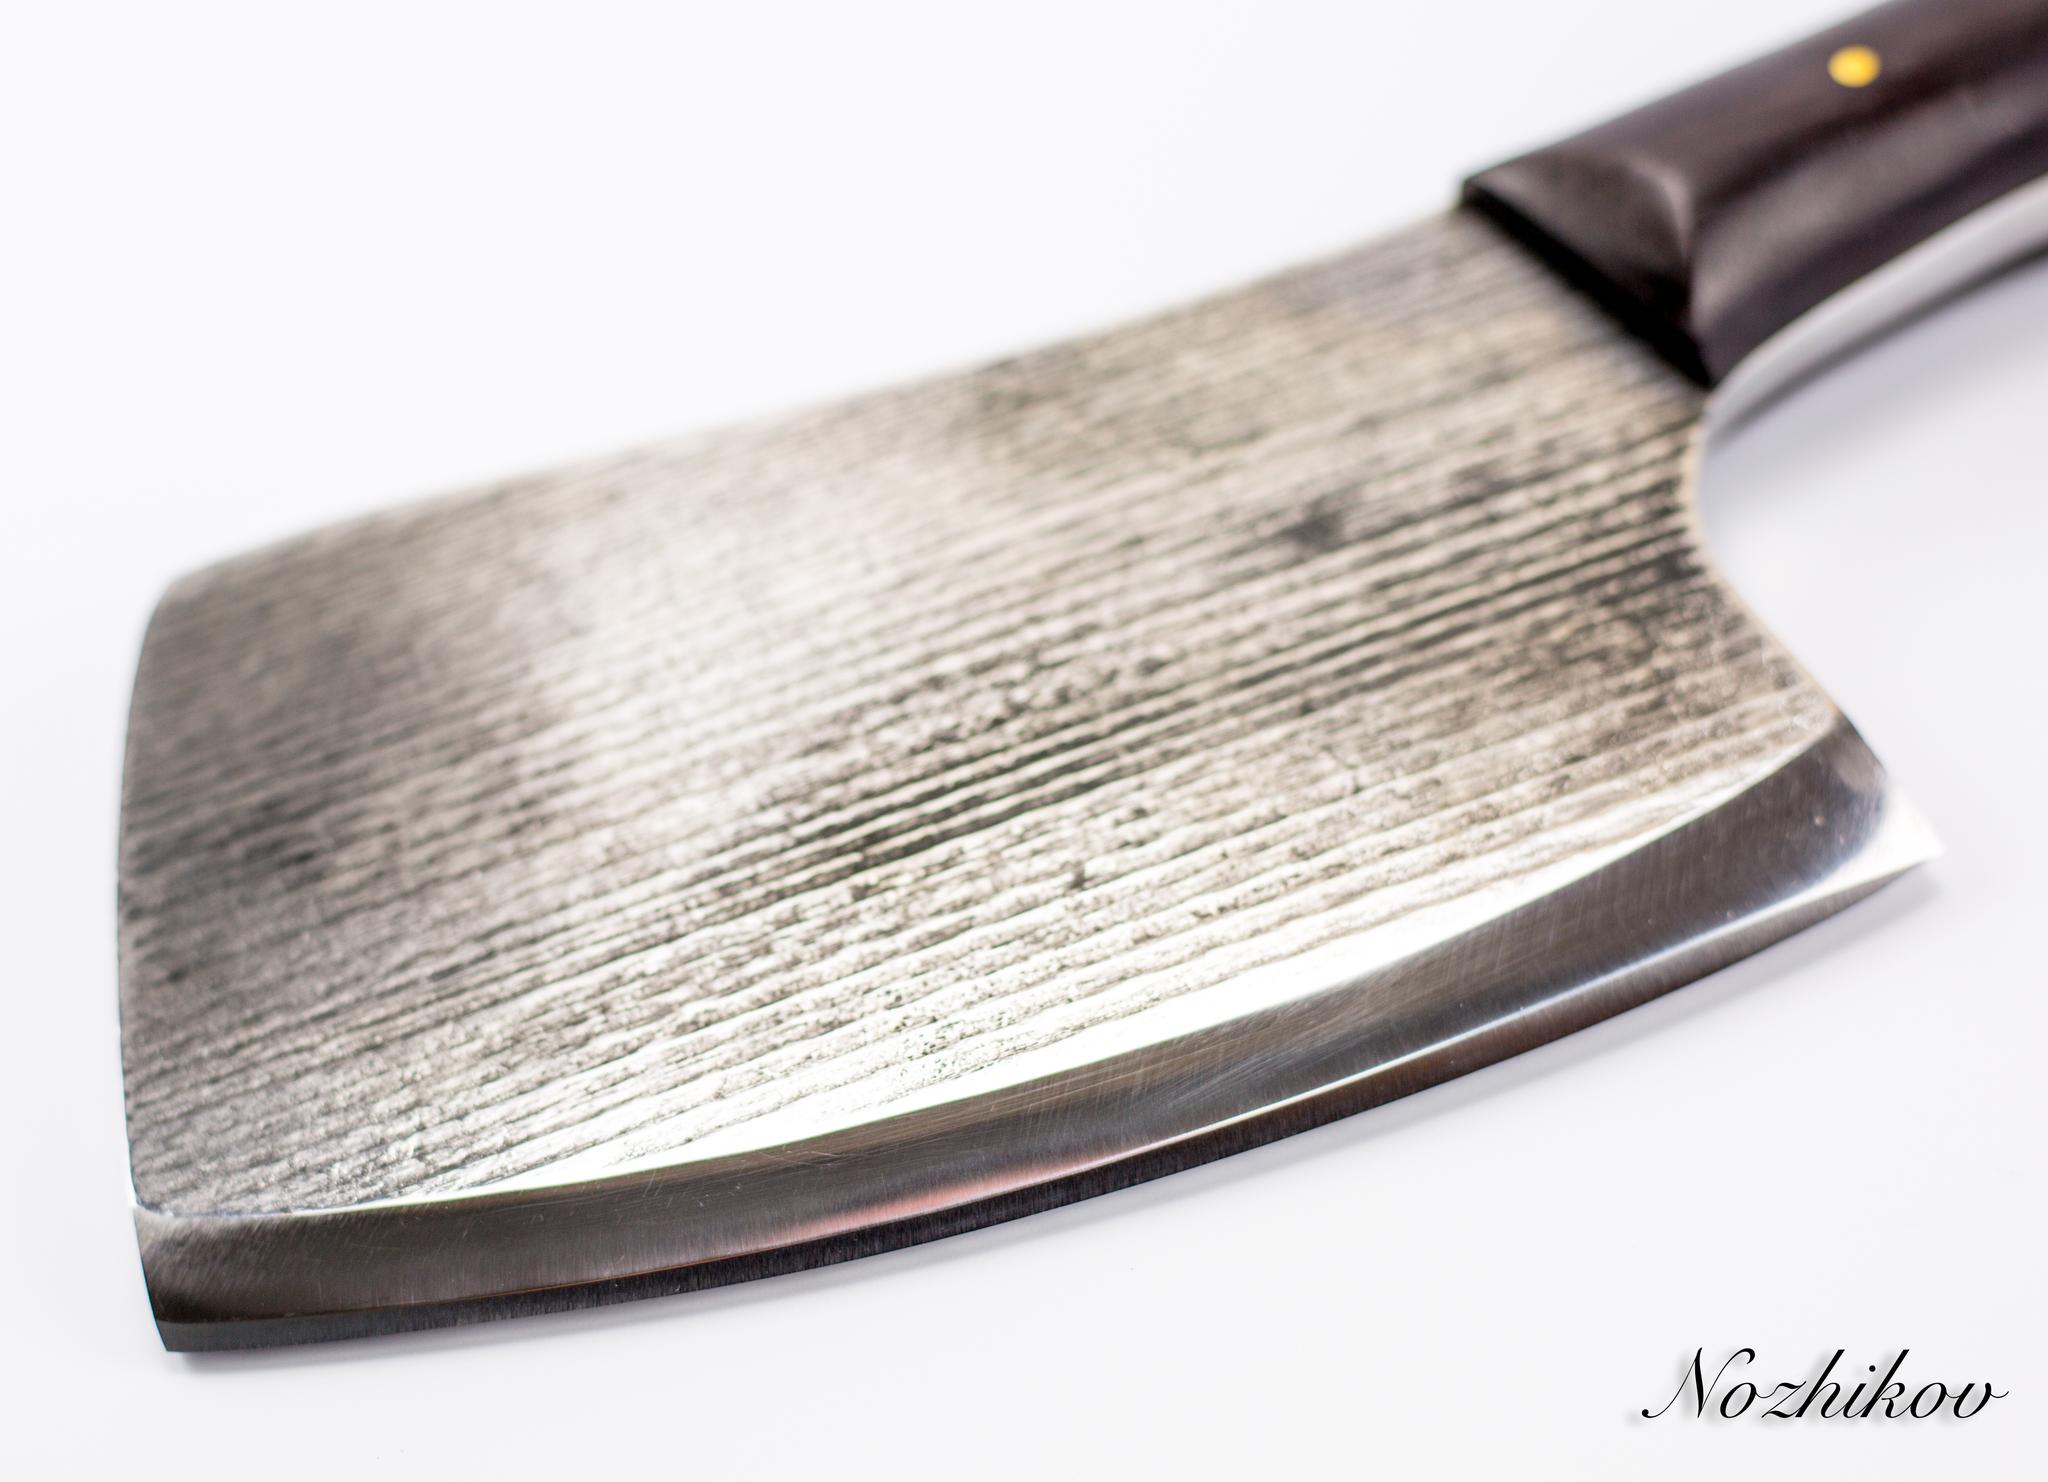 Фото 4 - Тяпка для мяса №2, сталь У8 от Мастерская Климентьева